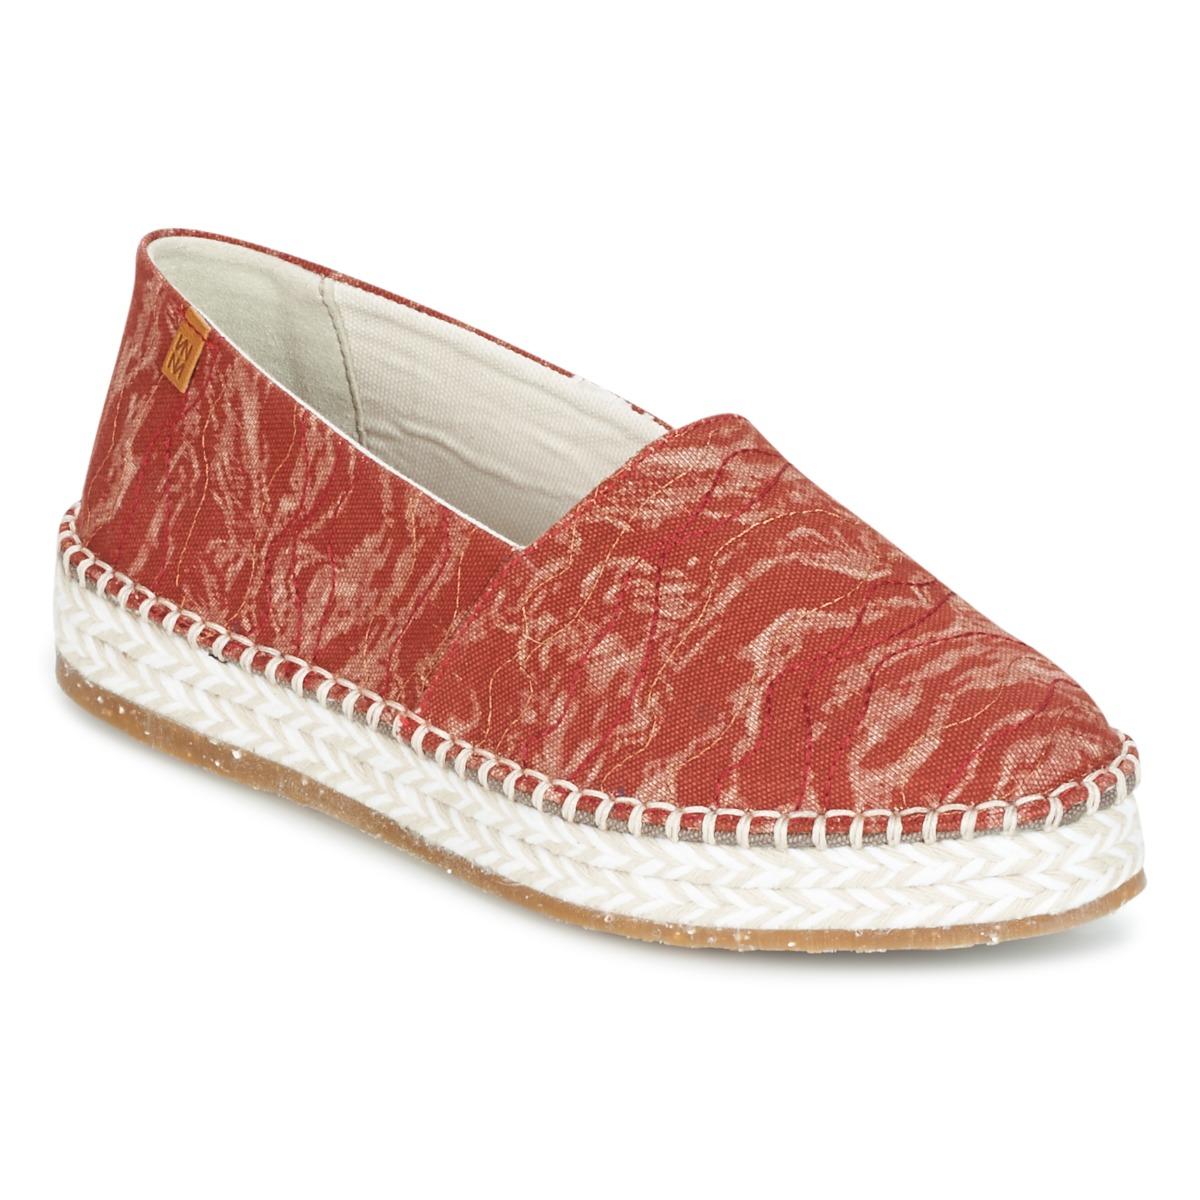 El Naturalista SEAWEED CANVAS Rot / Orange - Kostenloser Versand bei Spartoode ! - Schuhe Leinen-Pantoletten mit gefloch Damen 87,20 €